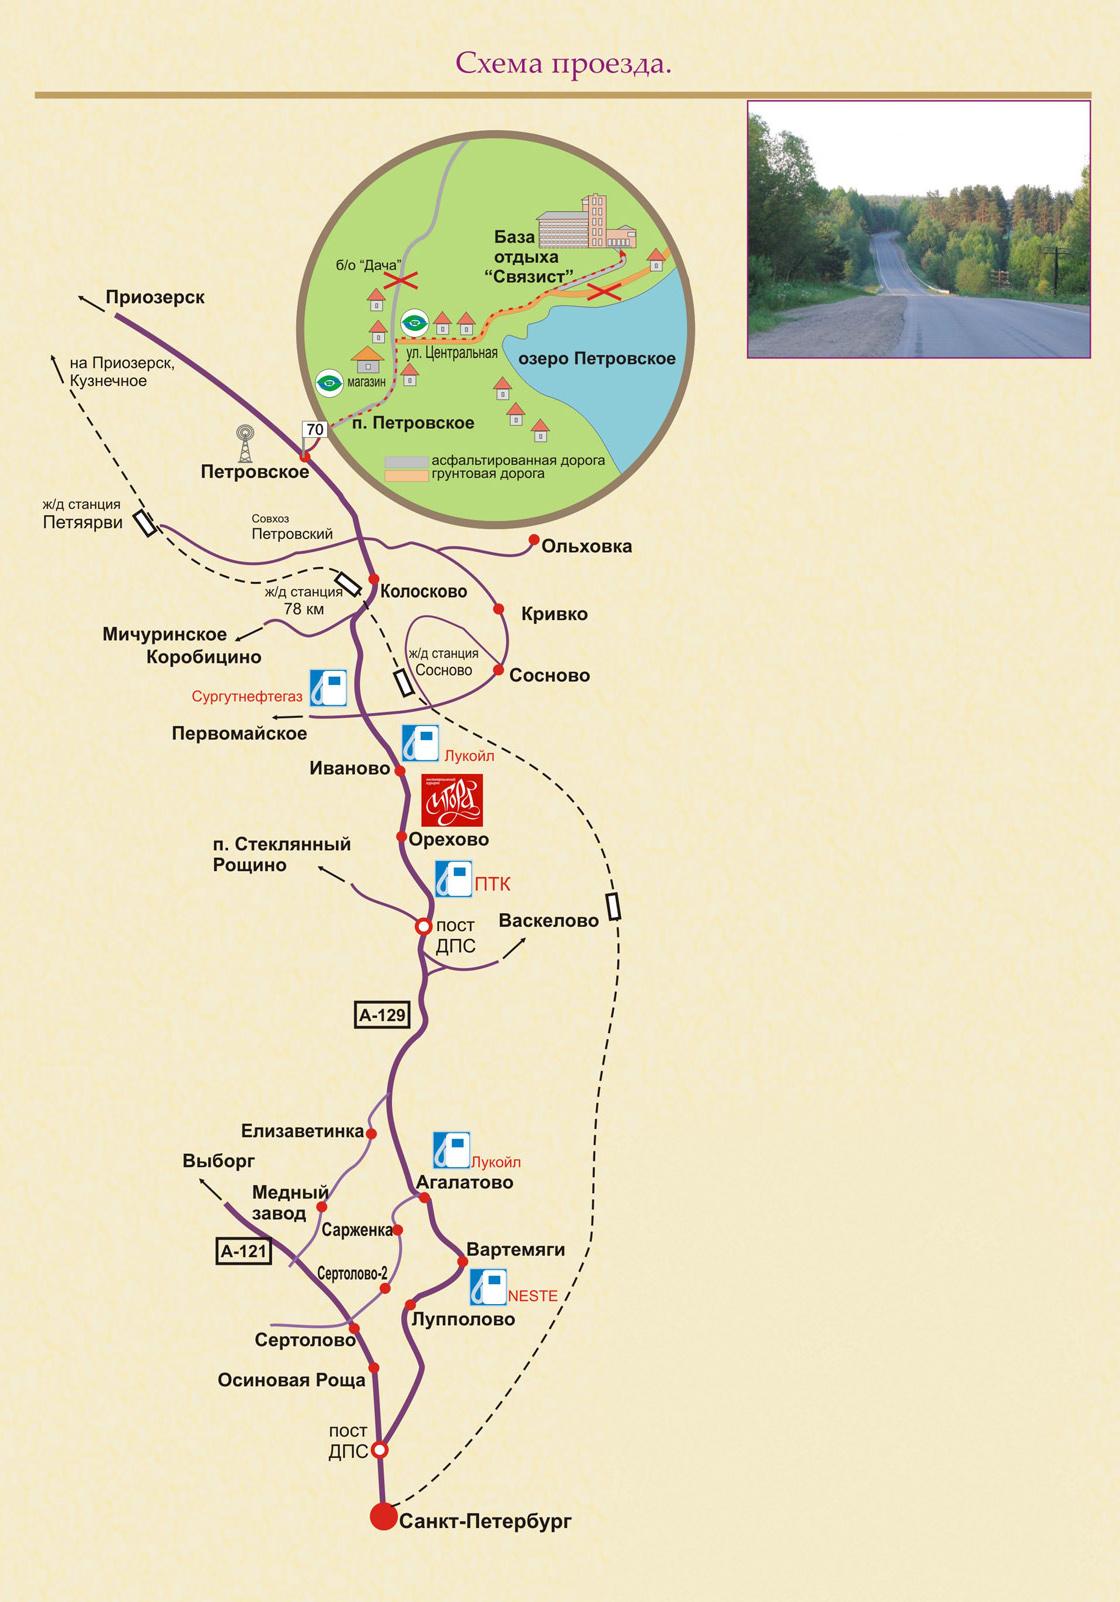 Схема проезда в мэси